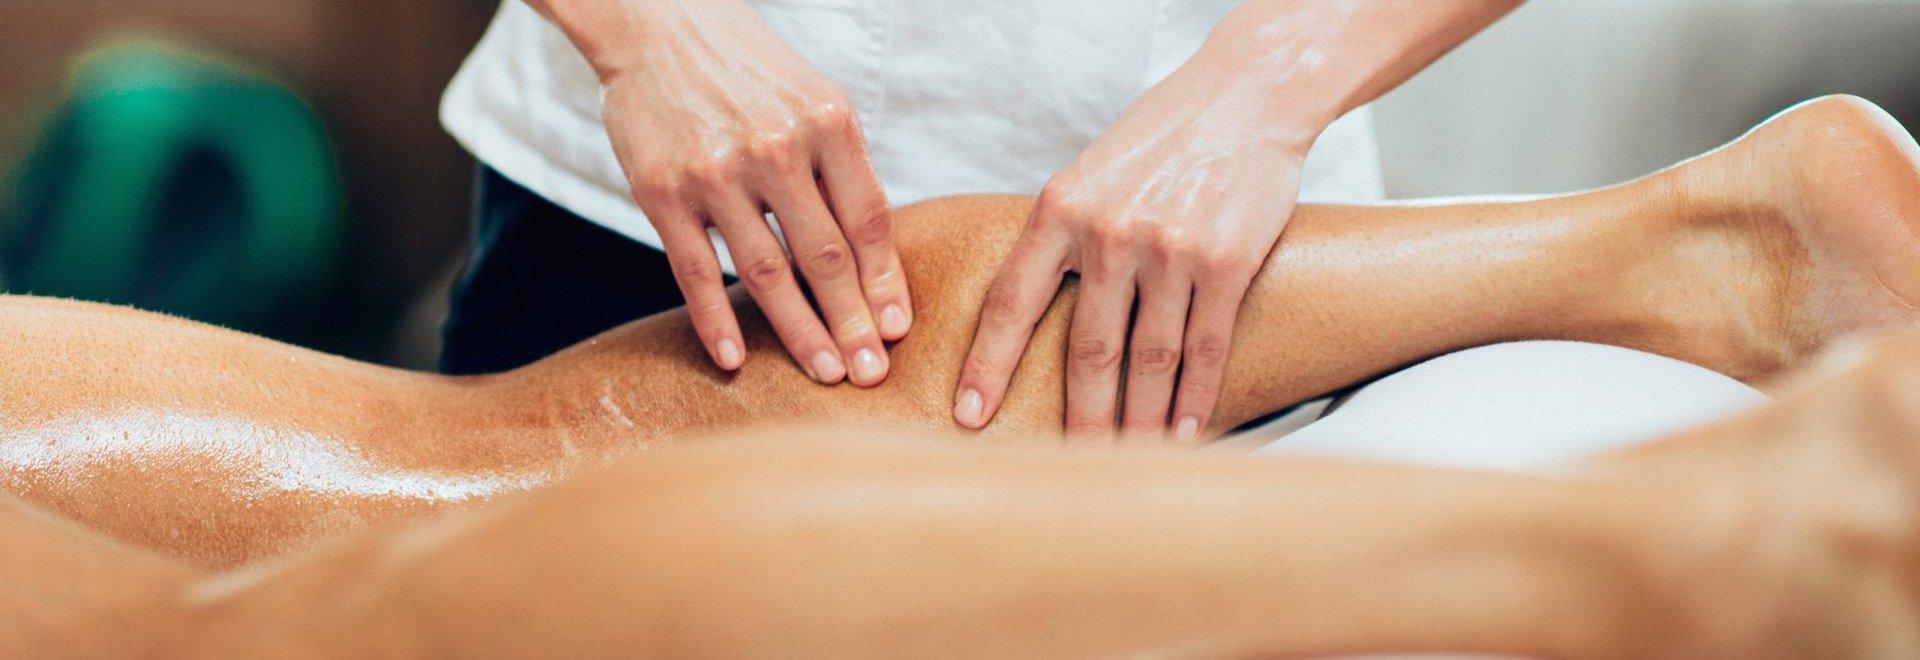 Bein Massage